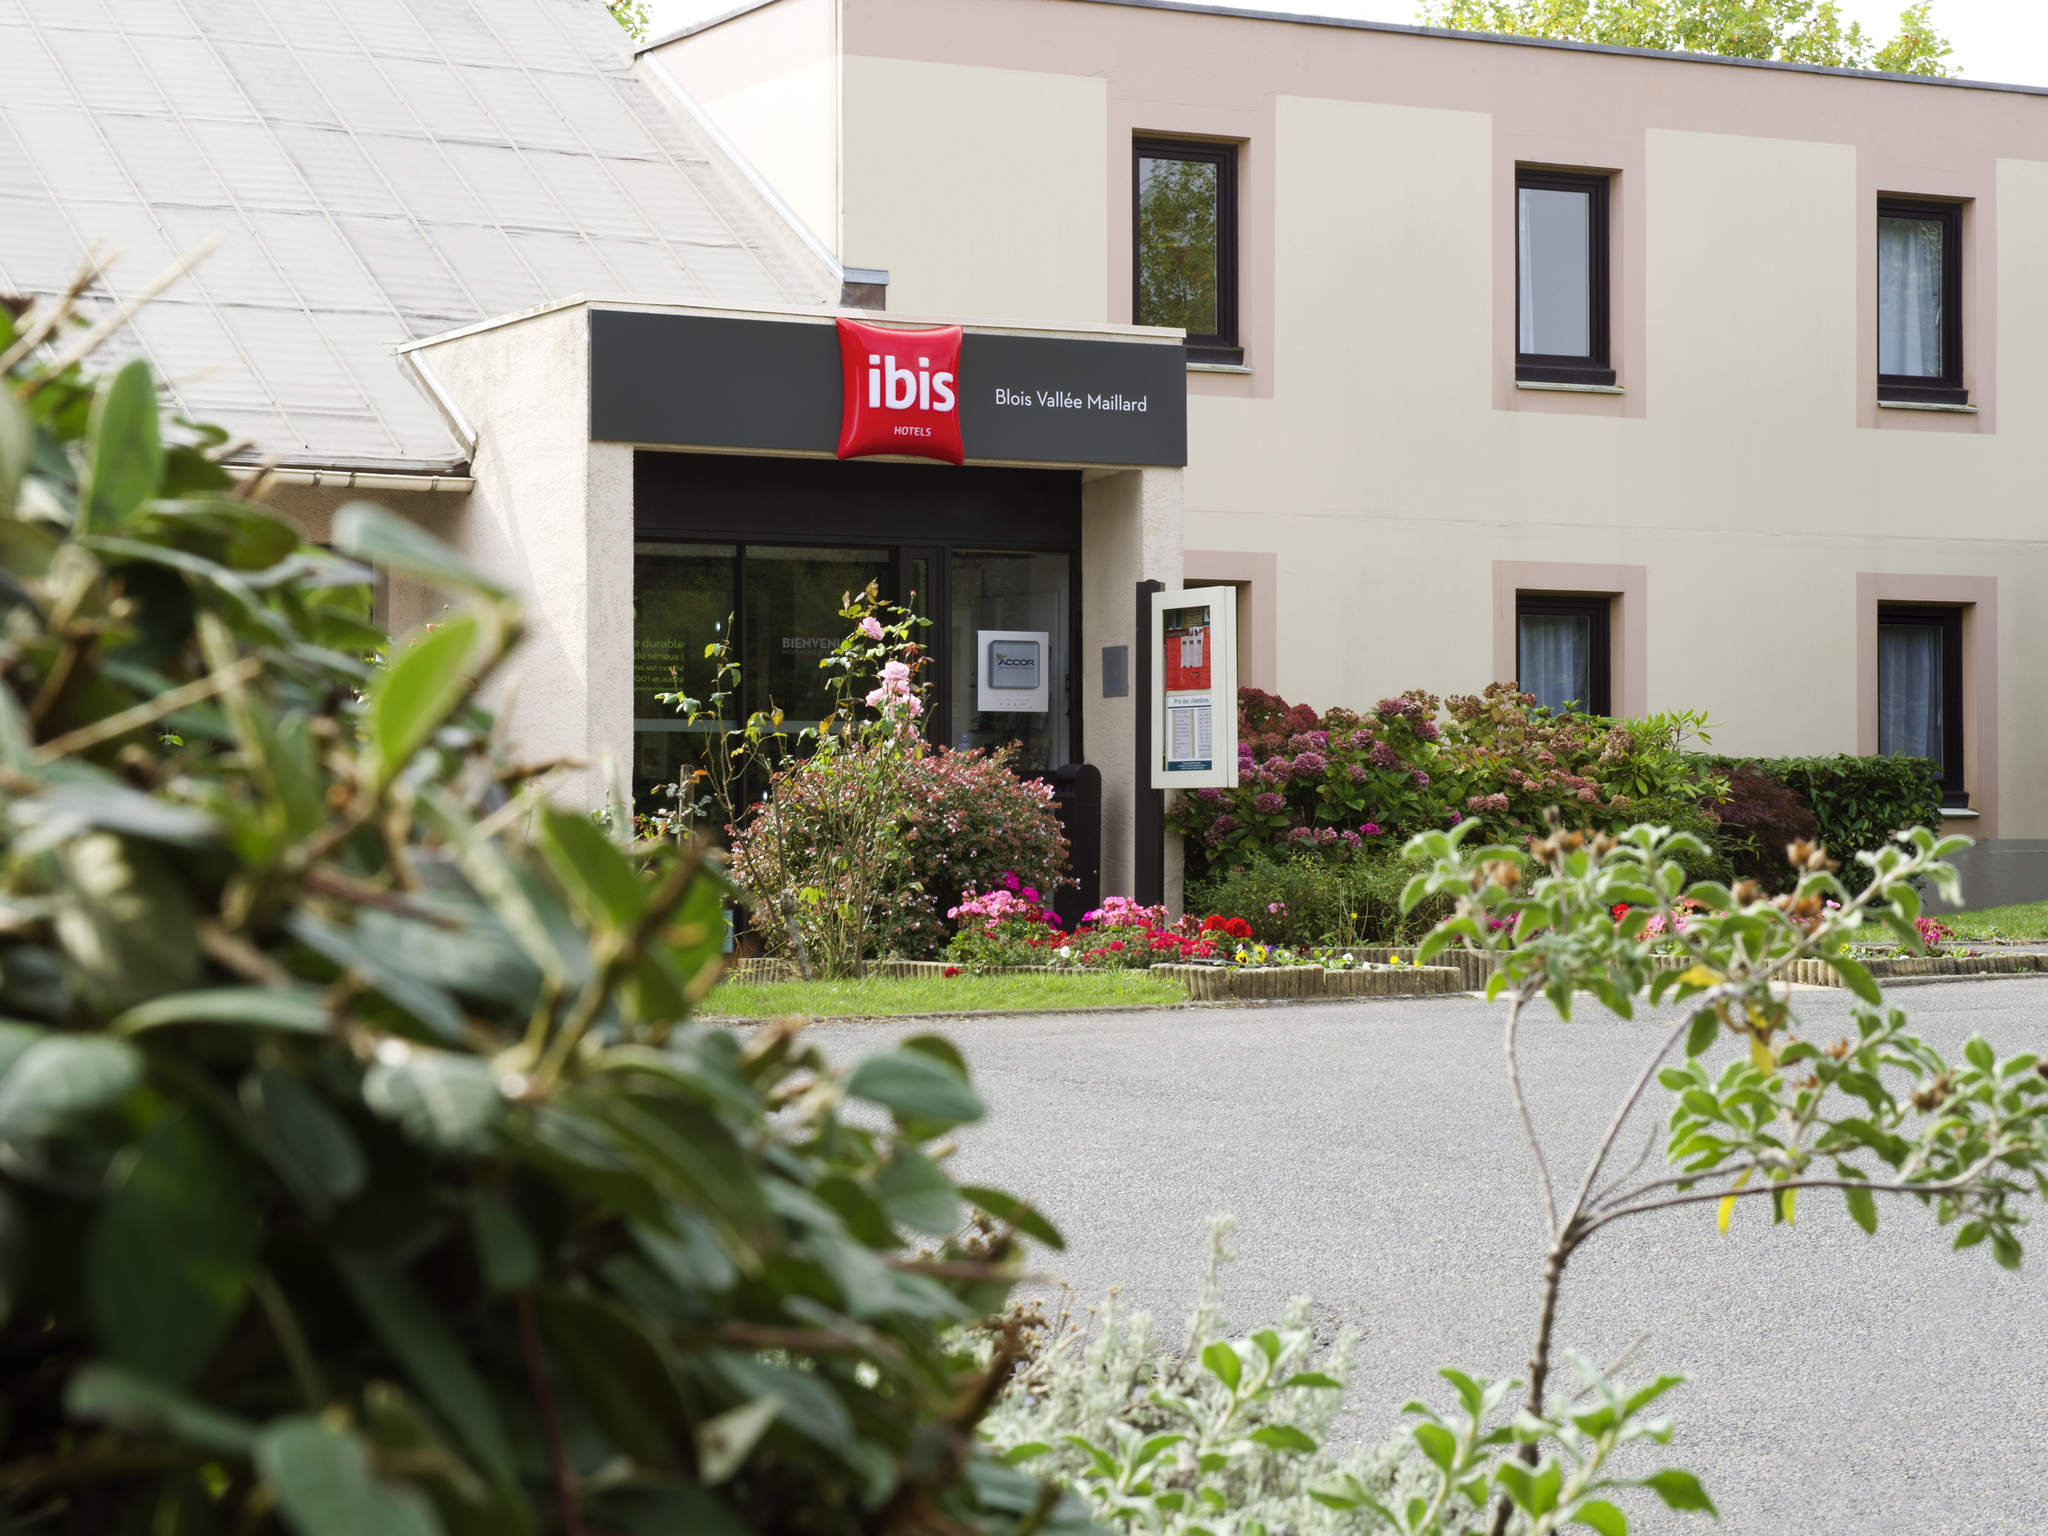 호텔 – ibis Blois Vallée Maillard